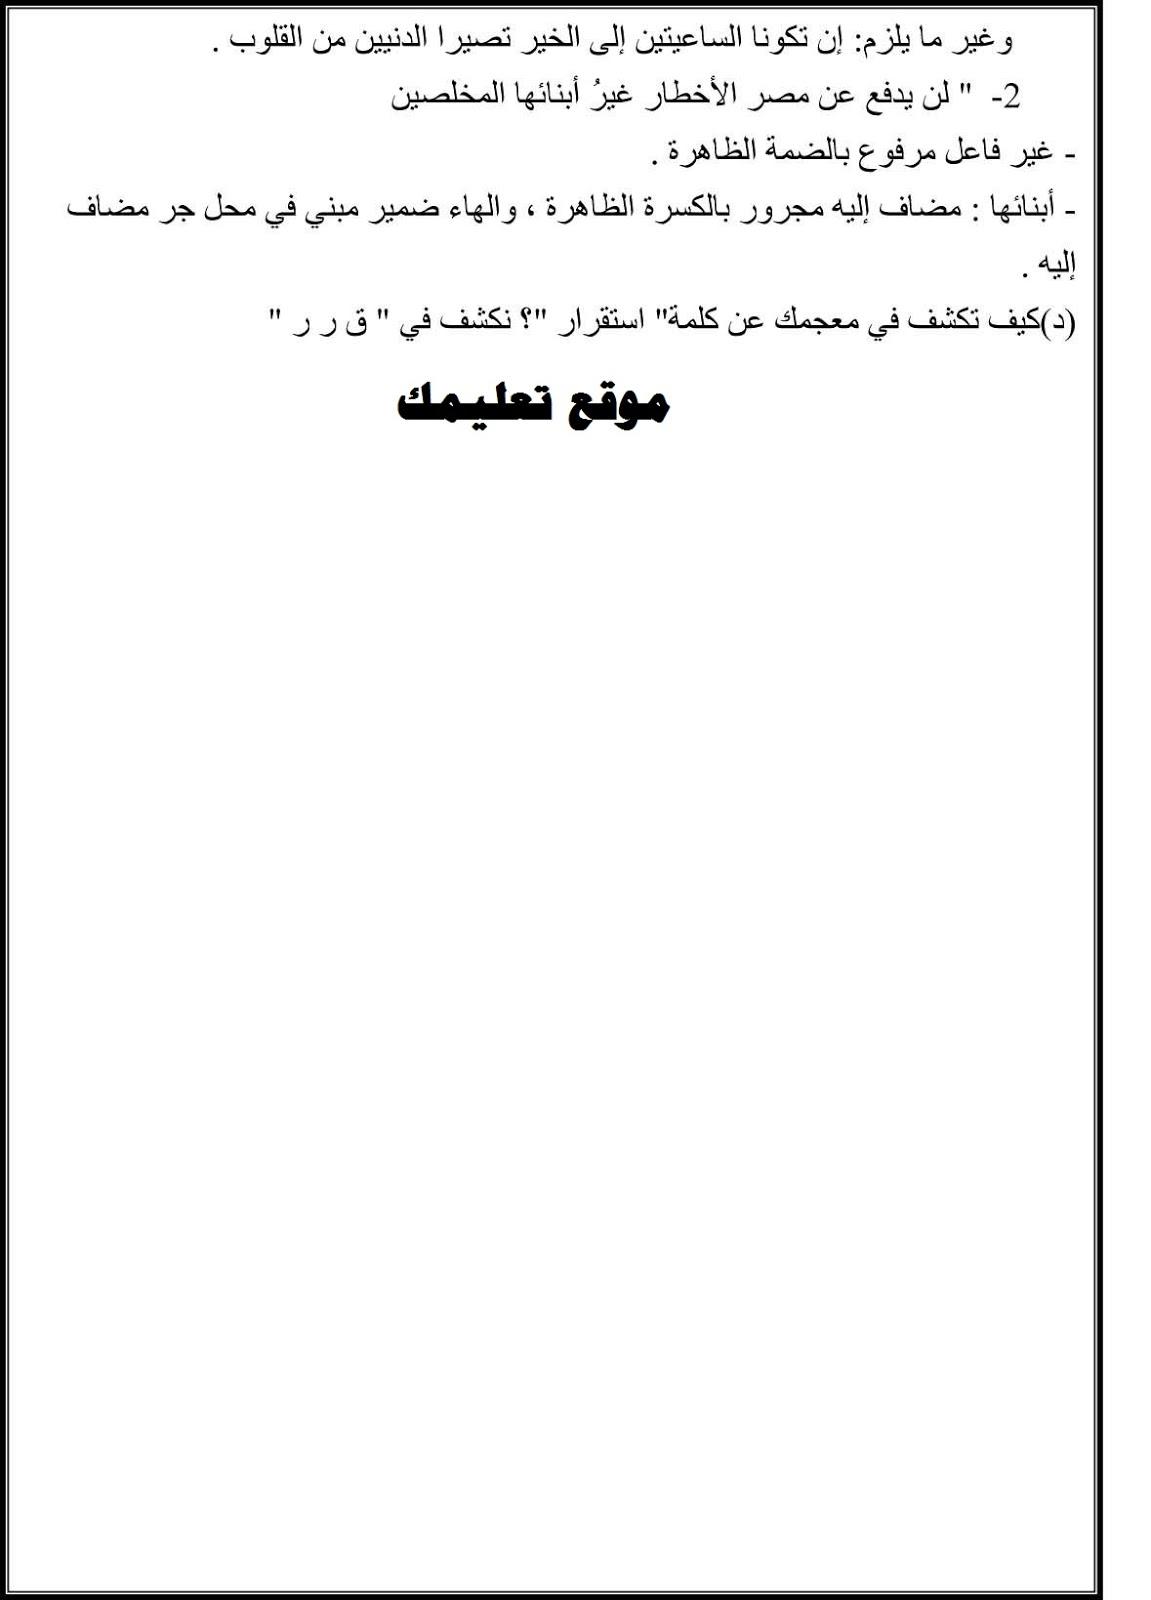 إمتحان السودان 2015 في لغة عربية